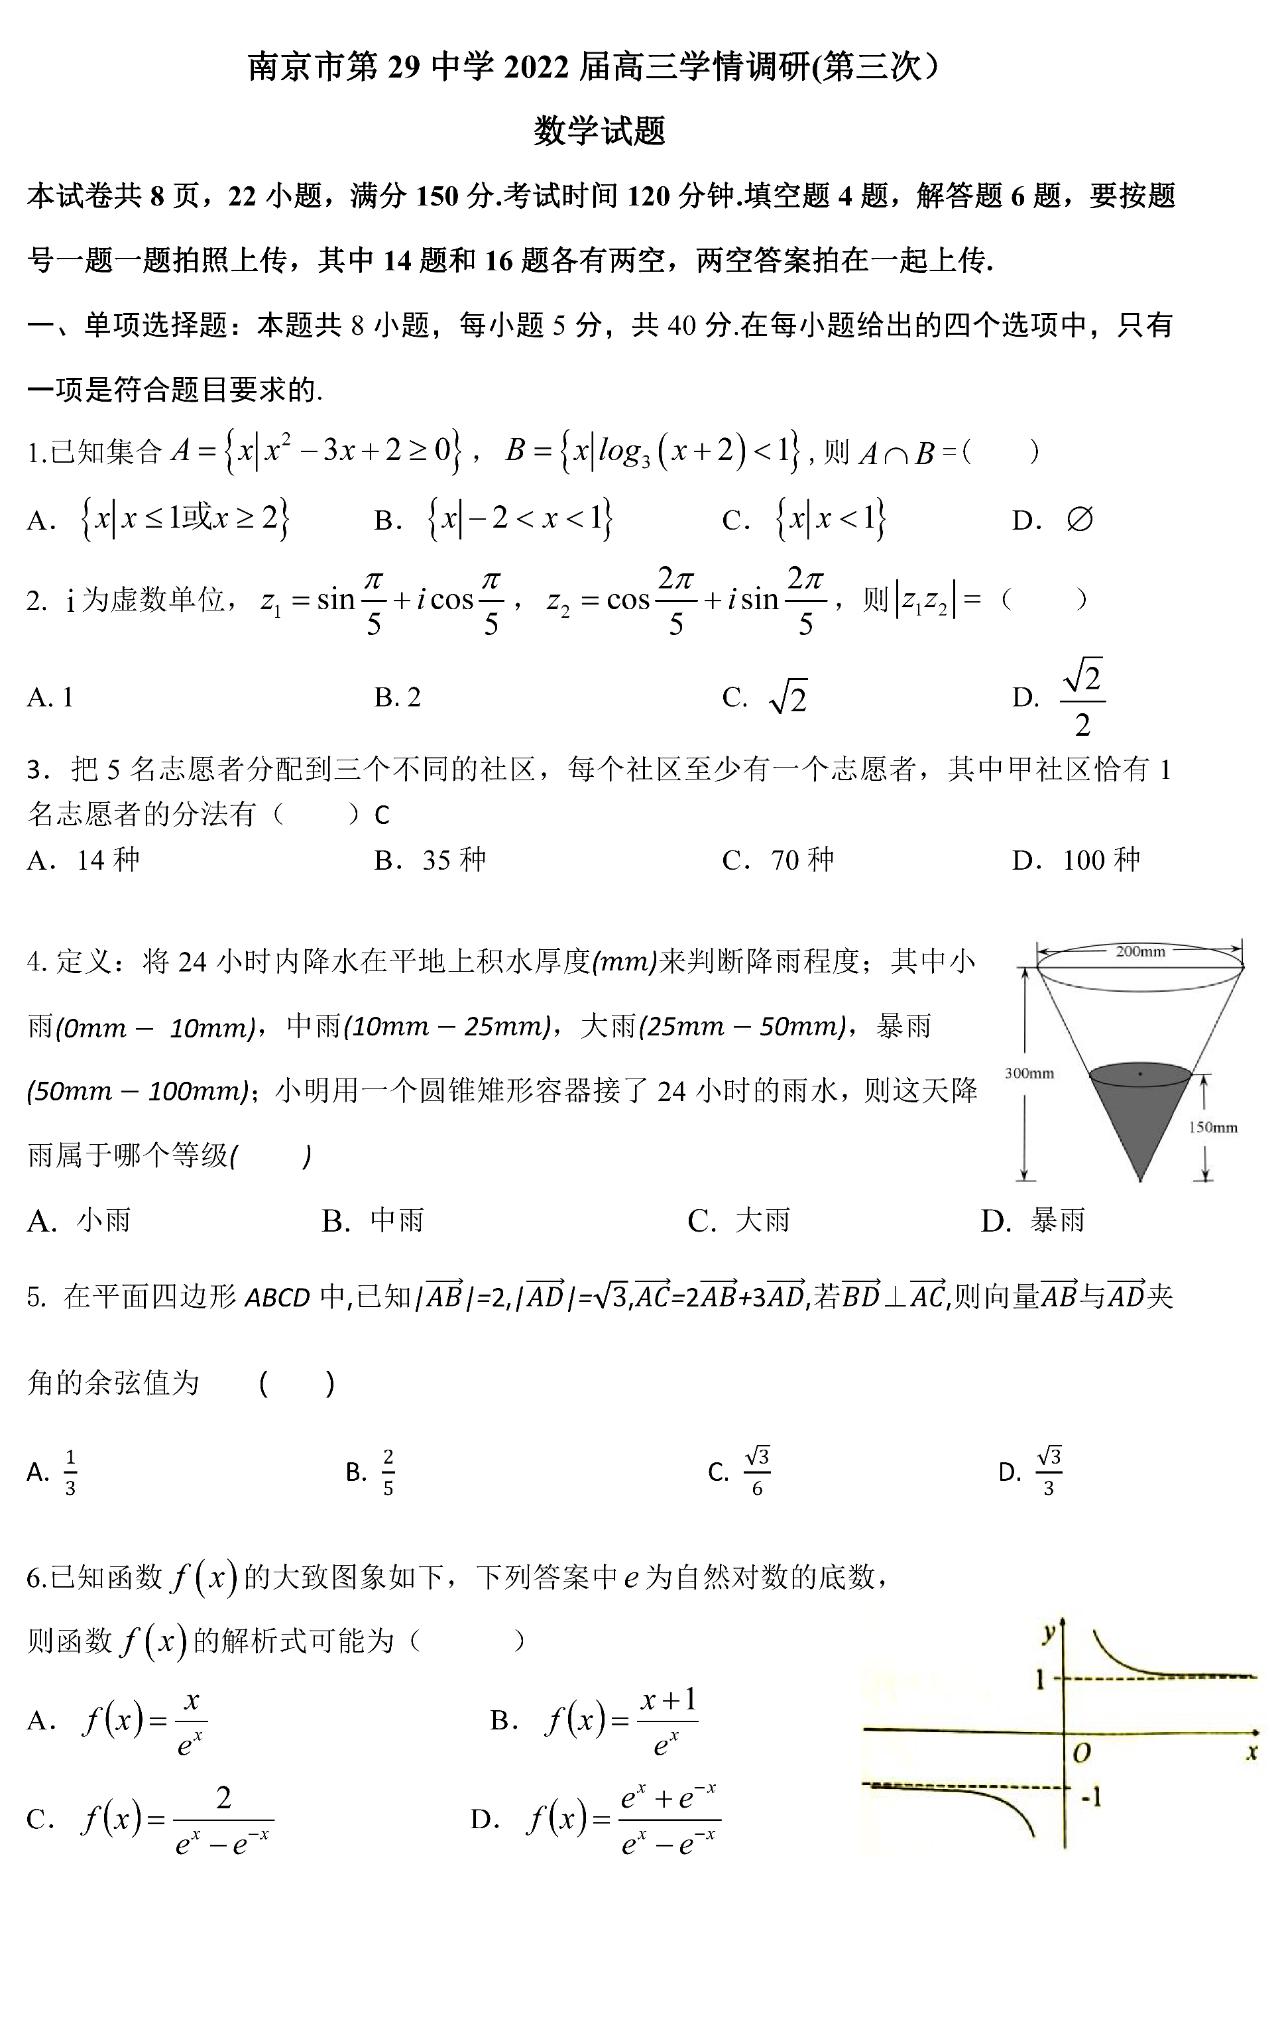 南京市第29中学2022届高二第三次学情调研数学试卷及答案